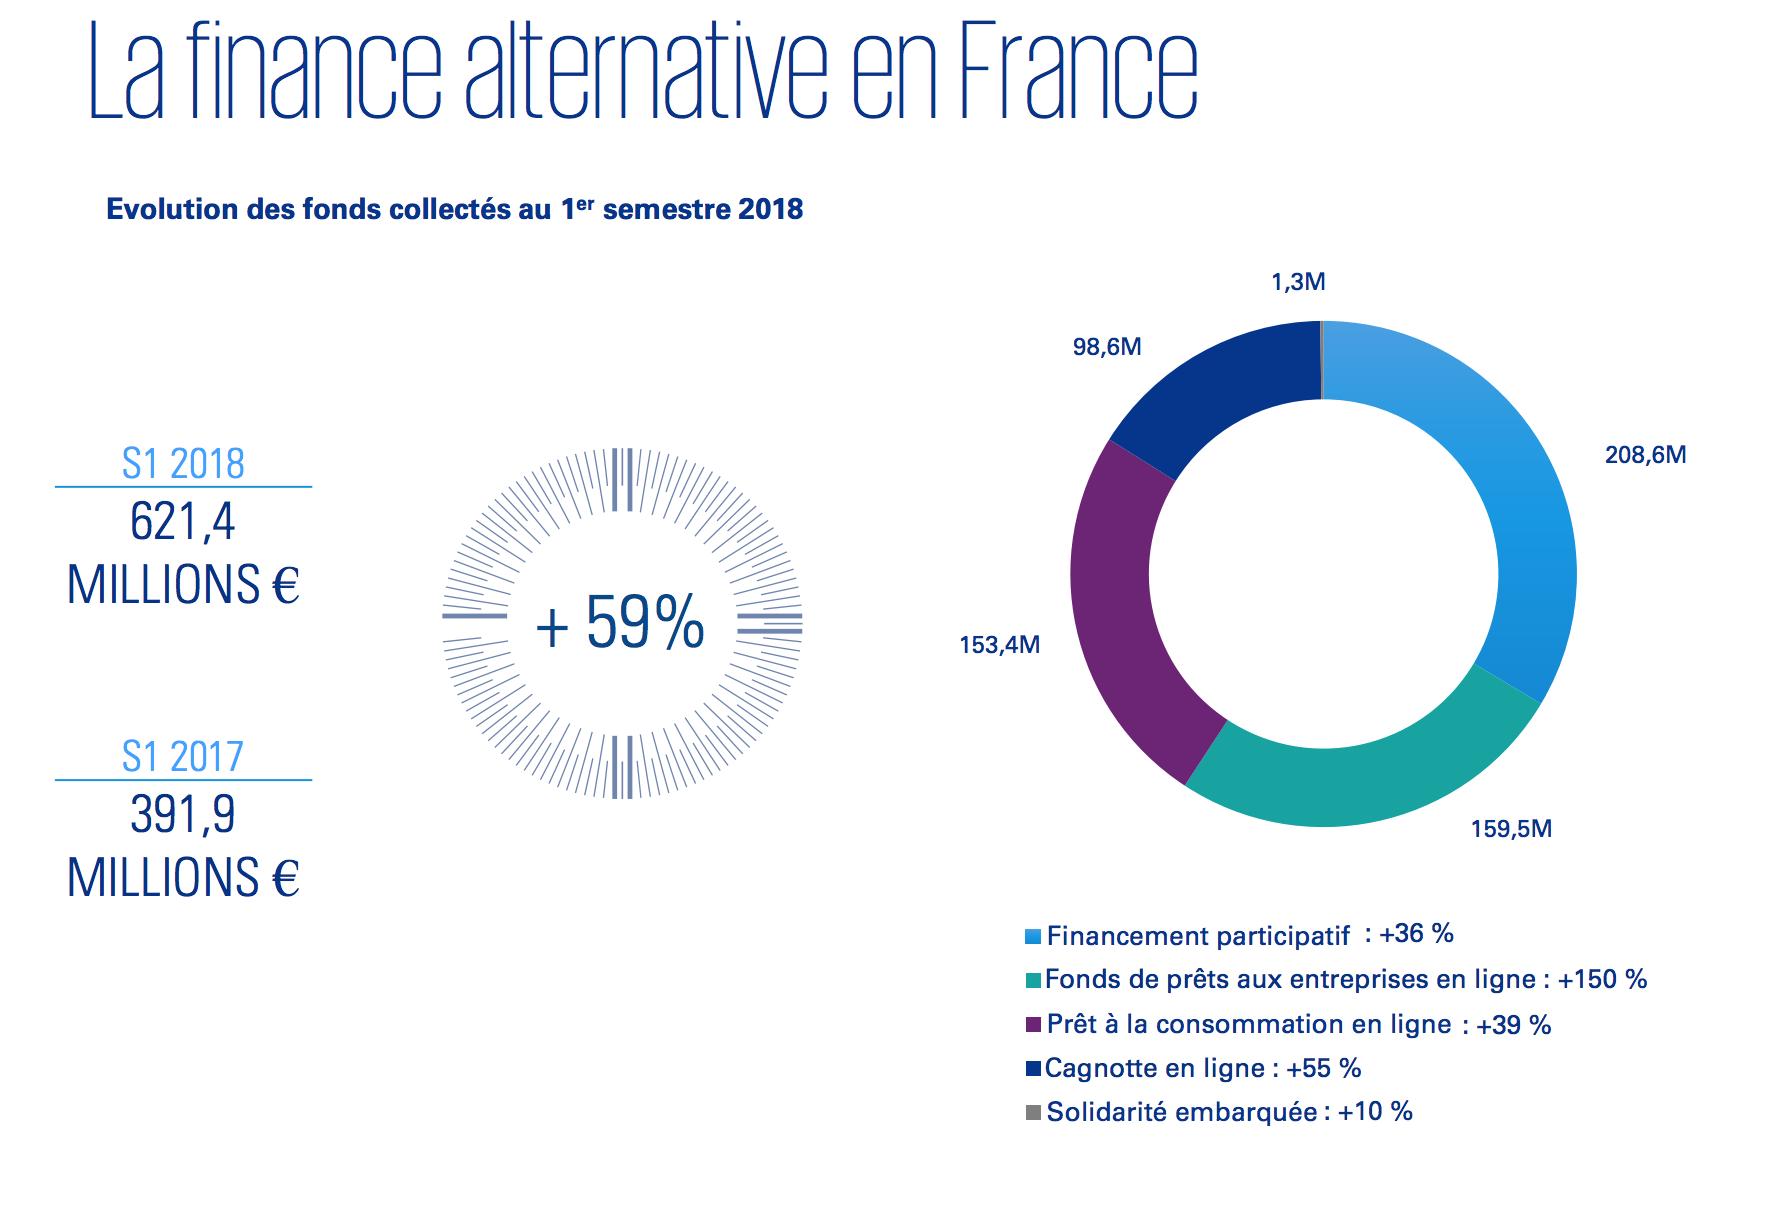 Baromètre du crowdfunding et de la finance alternative en France au premier semestre 2018